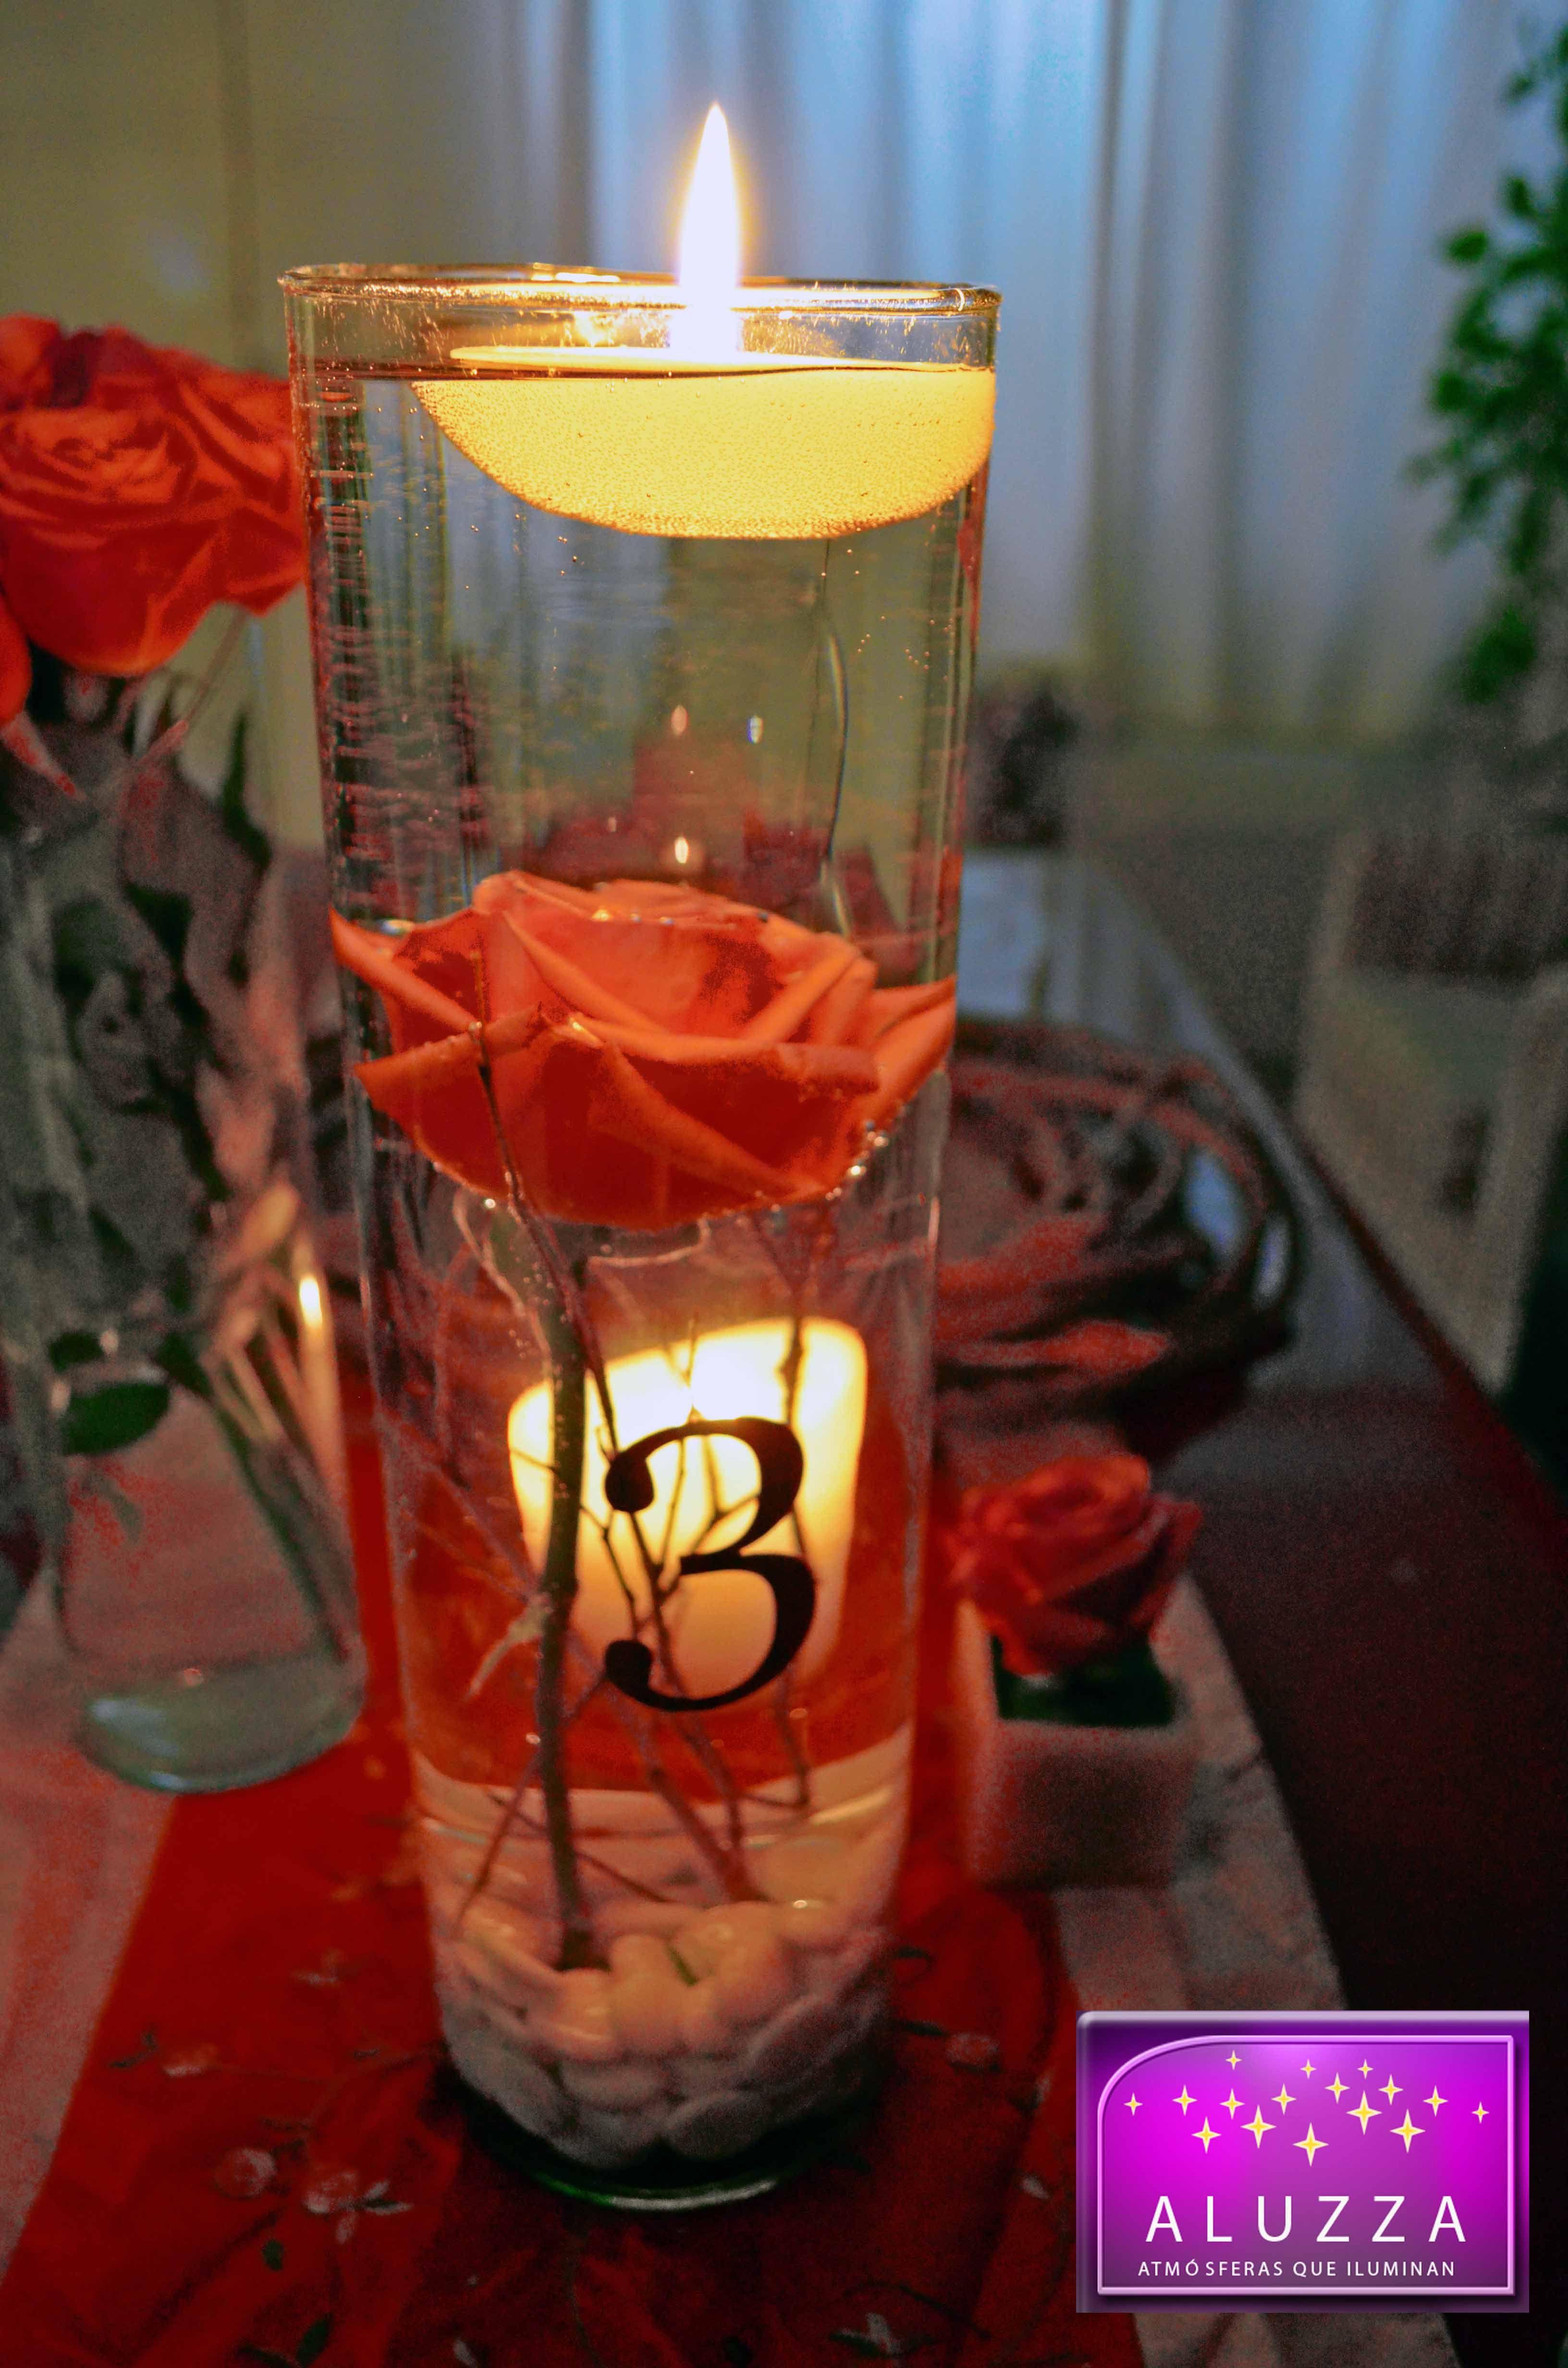 Centro de mesa con velas flotantes y flores sumergidas aluzza centros de mesa aluzza pinterest - Centro mesa velas ...